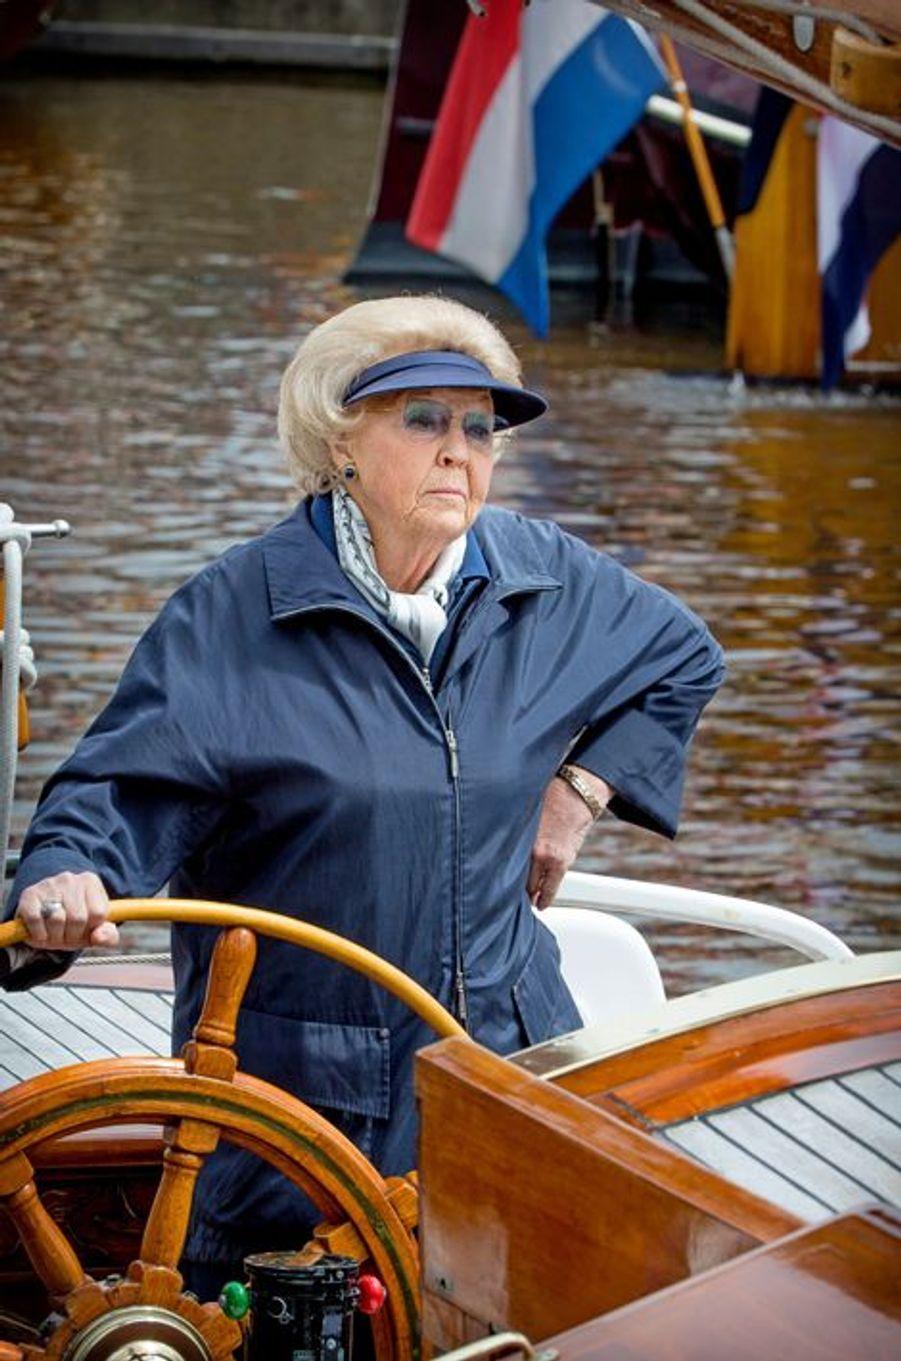 D'ordinaire coiffée de grands chapeaux ronds, l'ex-reine Beatrix avait préféré ce samedi 20 juin arborer une simple visière. Il faut dire qu'elle était en mode marin, le temps d'une balade sur son yacht «De Groene Draeck» (Le Dragon vert) qui lui a été offert par les Pays-Bas pour ses 18 ans, en 1956.Chaque dimanche, le Royal Blog de Paris Match vous propose de voir ou revoir les plus belles photographies de la semaine royale.